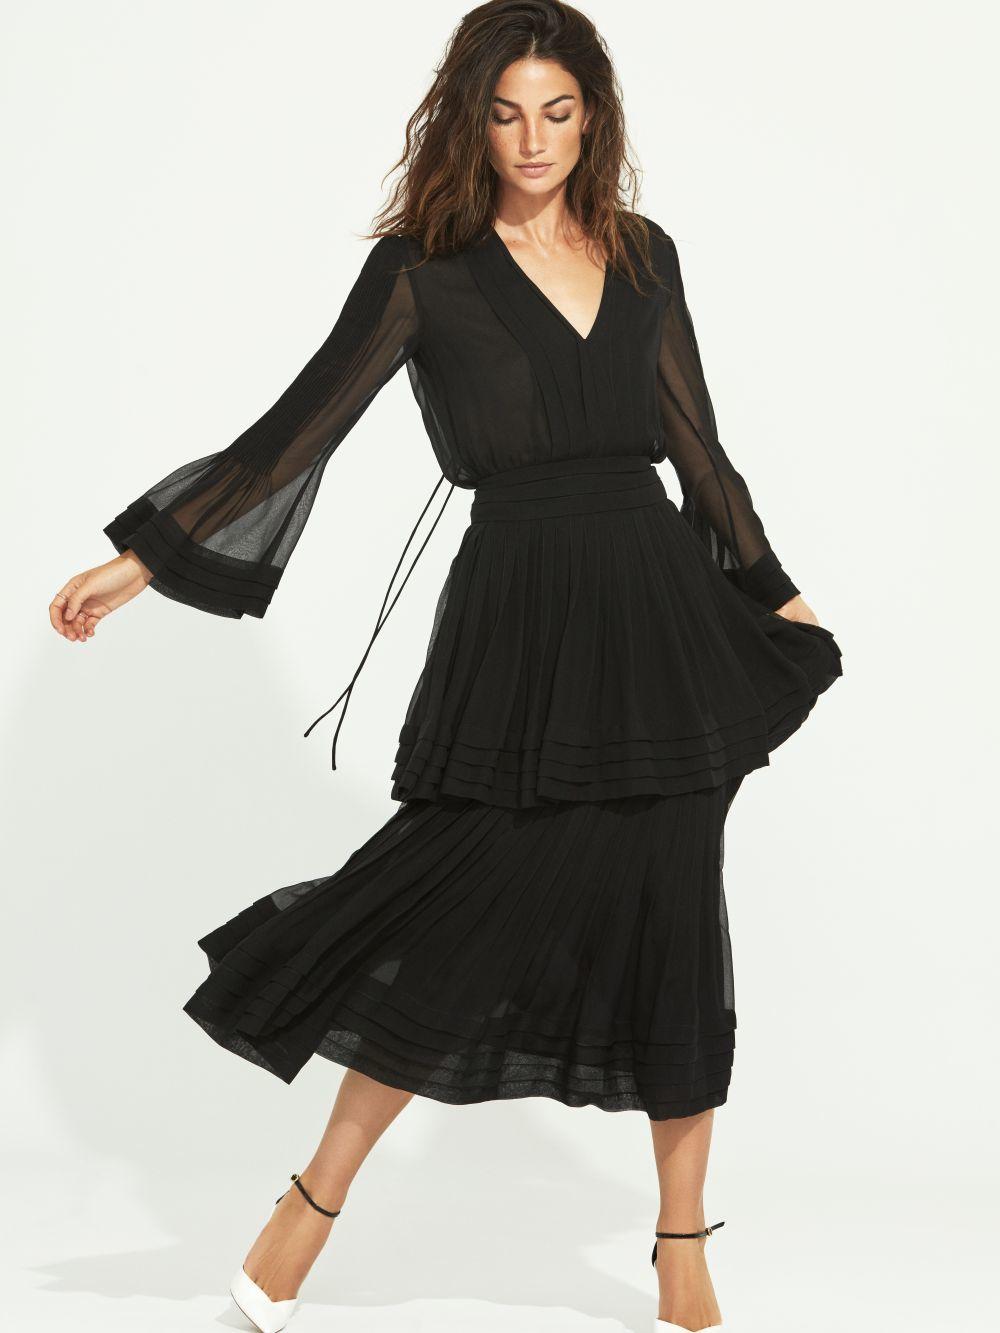 Con vestido negro y en una de nuestras producciones para TELVA, Lily Aldridge.